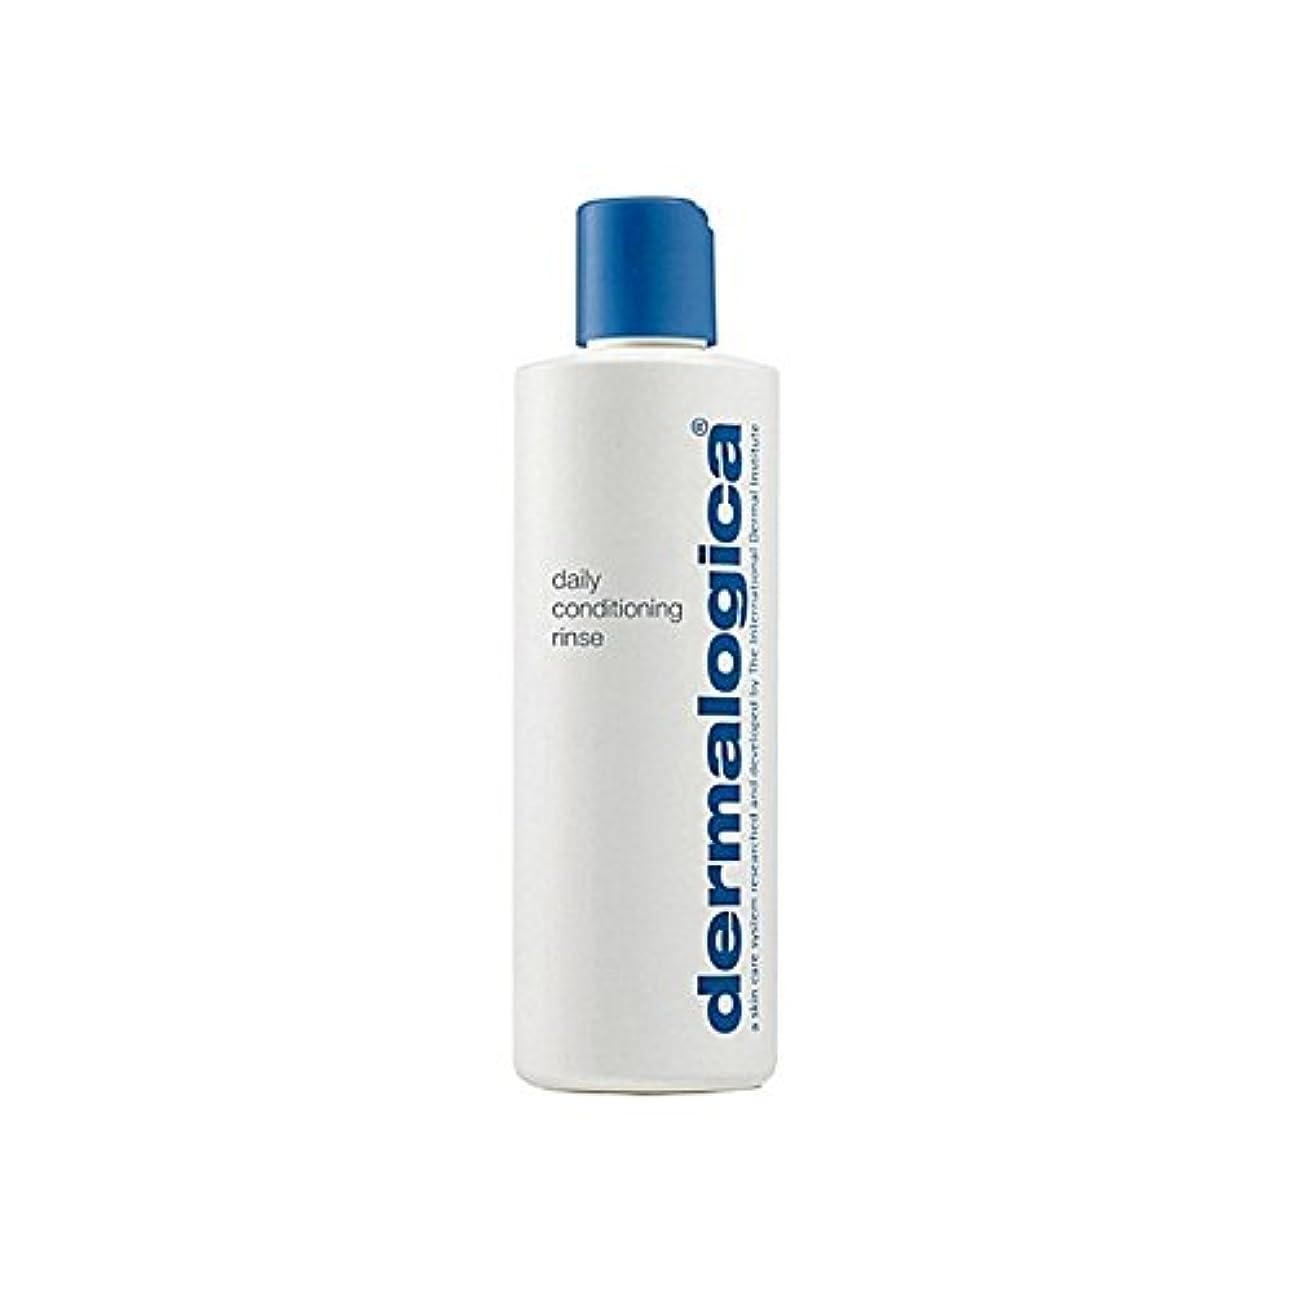 キャラバン能力リファインDermalogica Daily Conditioning Rinse 50ml (Pack of 6) - ダーマロジカ毎日コンディショニングリンス50ミリリットル x6 [並行輸入品]